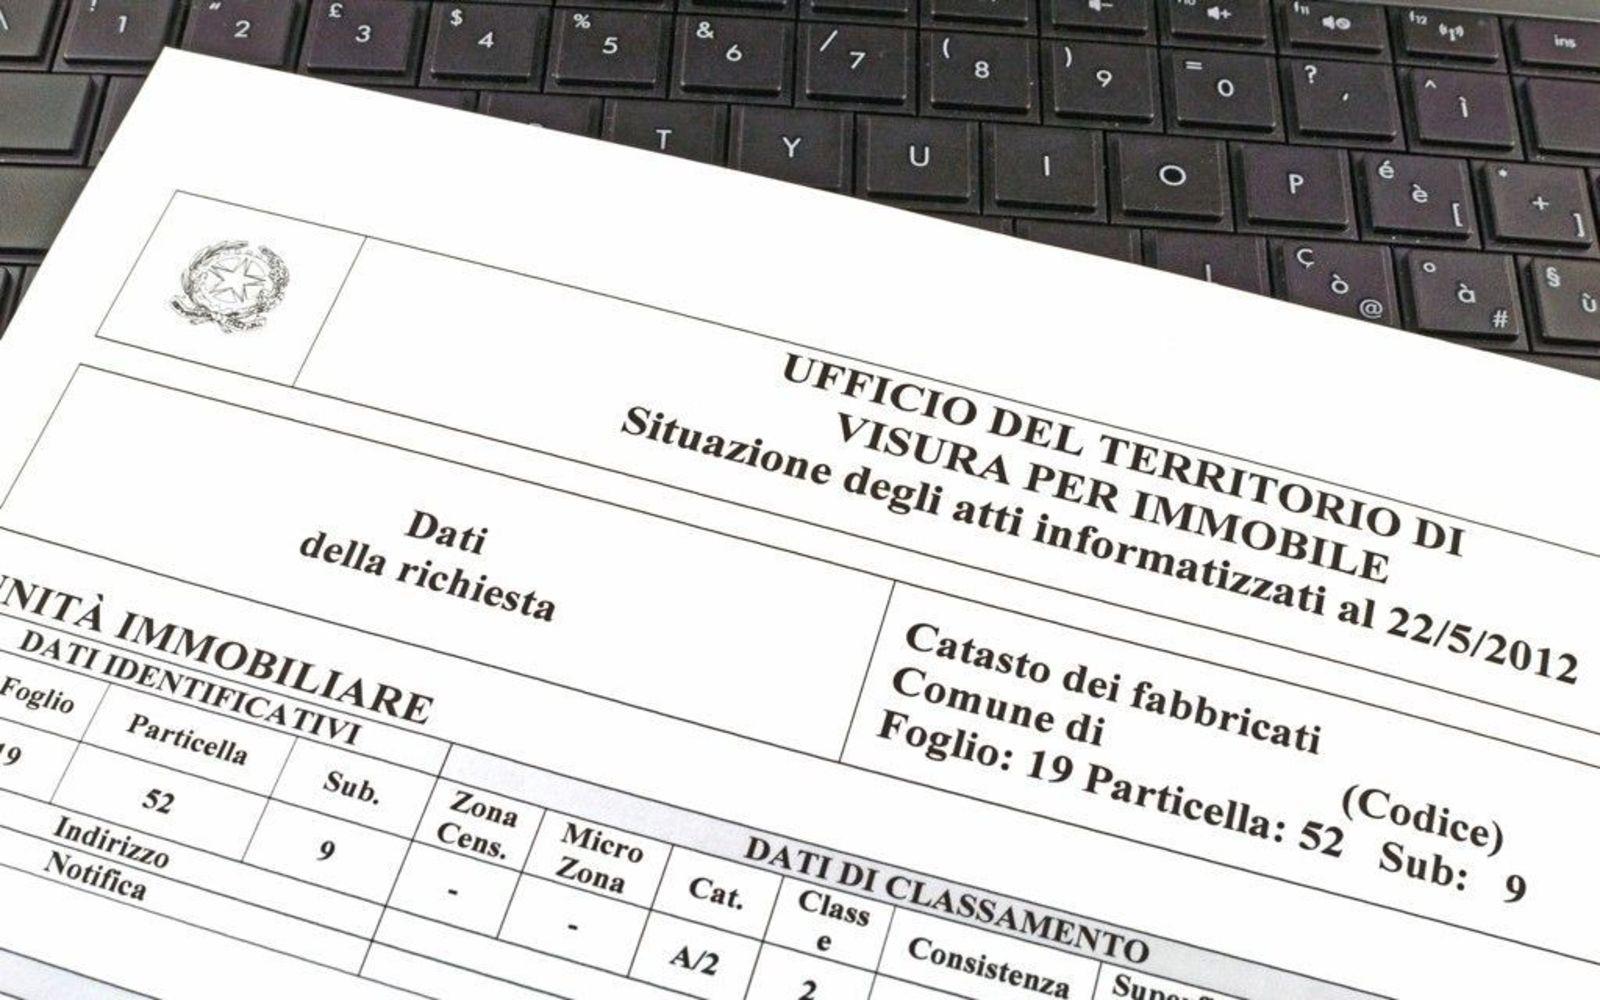 Consultazione gratuita dei dati catastali degli immobili di propriet - Classificazioni catastali immobili ...